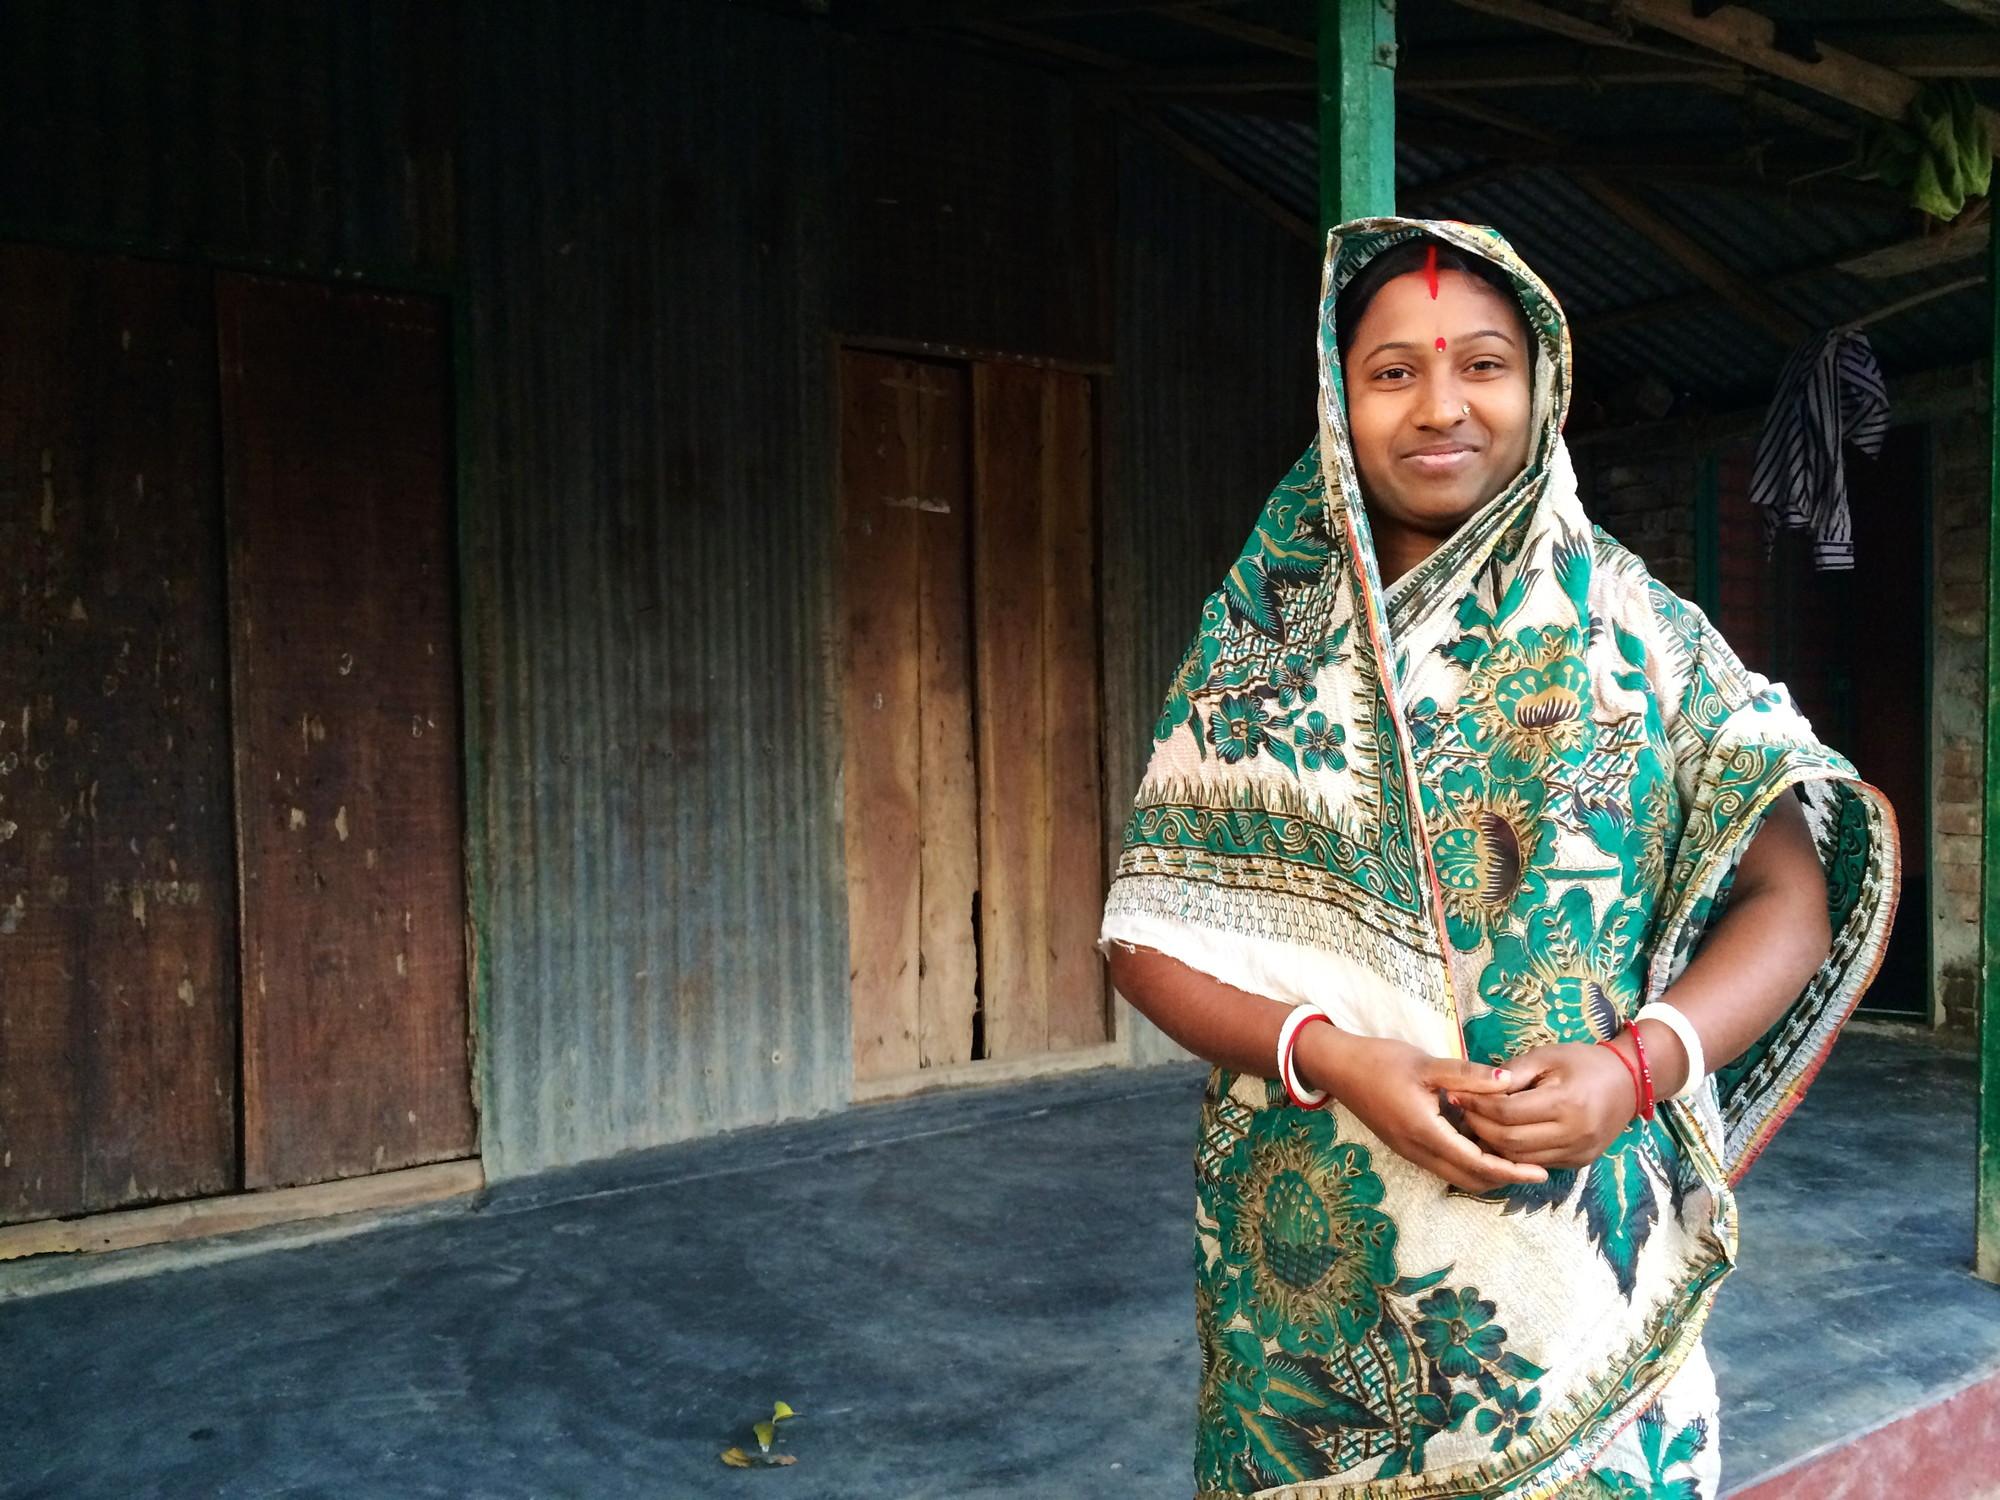 ARCHIVE Global se propone construir hogares más saludables en Bangladesh, Una mujer en la villa de Savar, Bangladesh, de pie frente al nuevo piso de radier de su familia. ARCHIVE, asociado con ADESH, insttación en Febrero 2014. Imágen cortesía de ARCHIVE Global